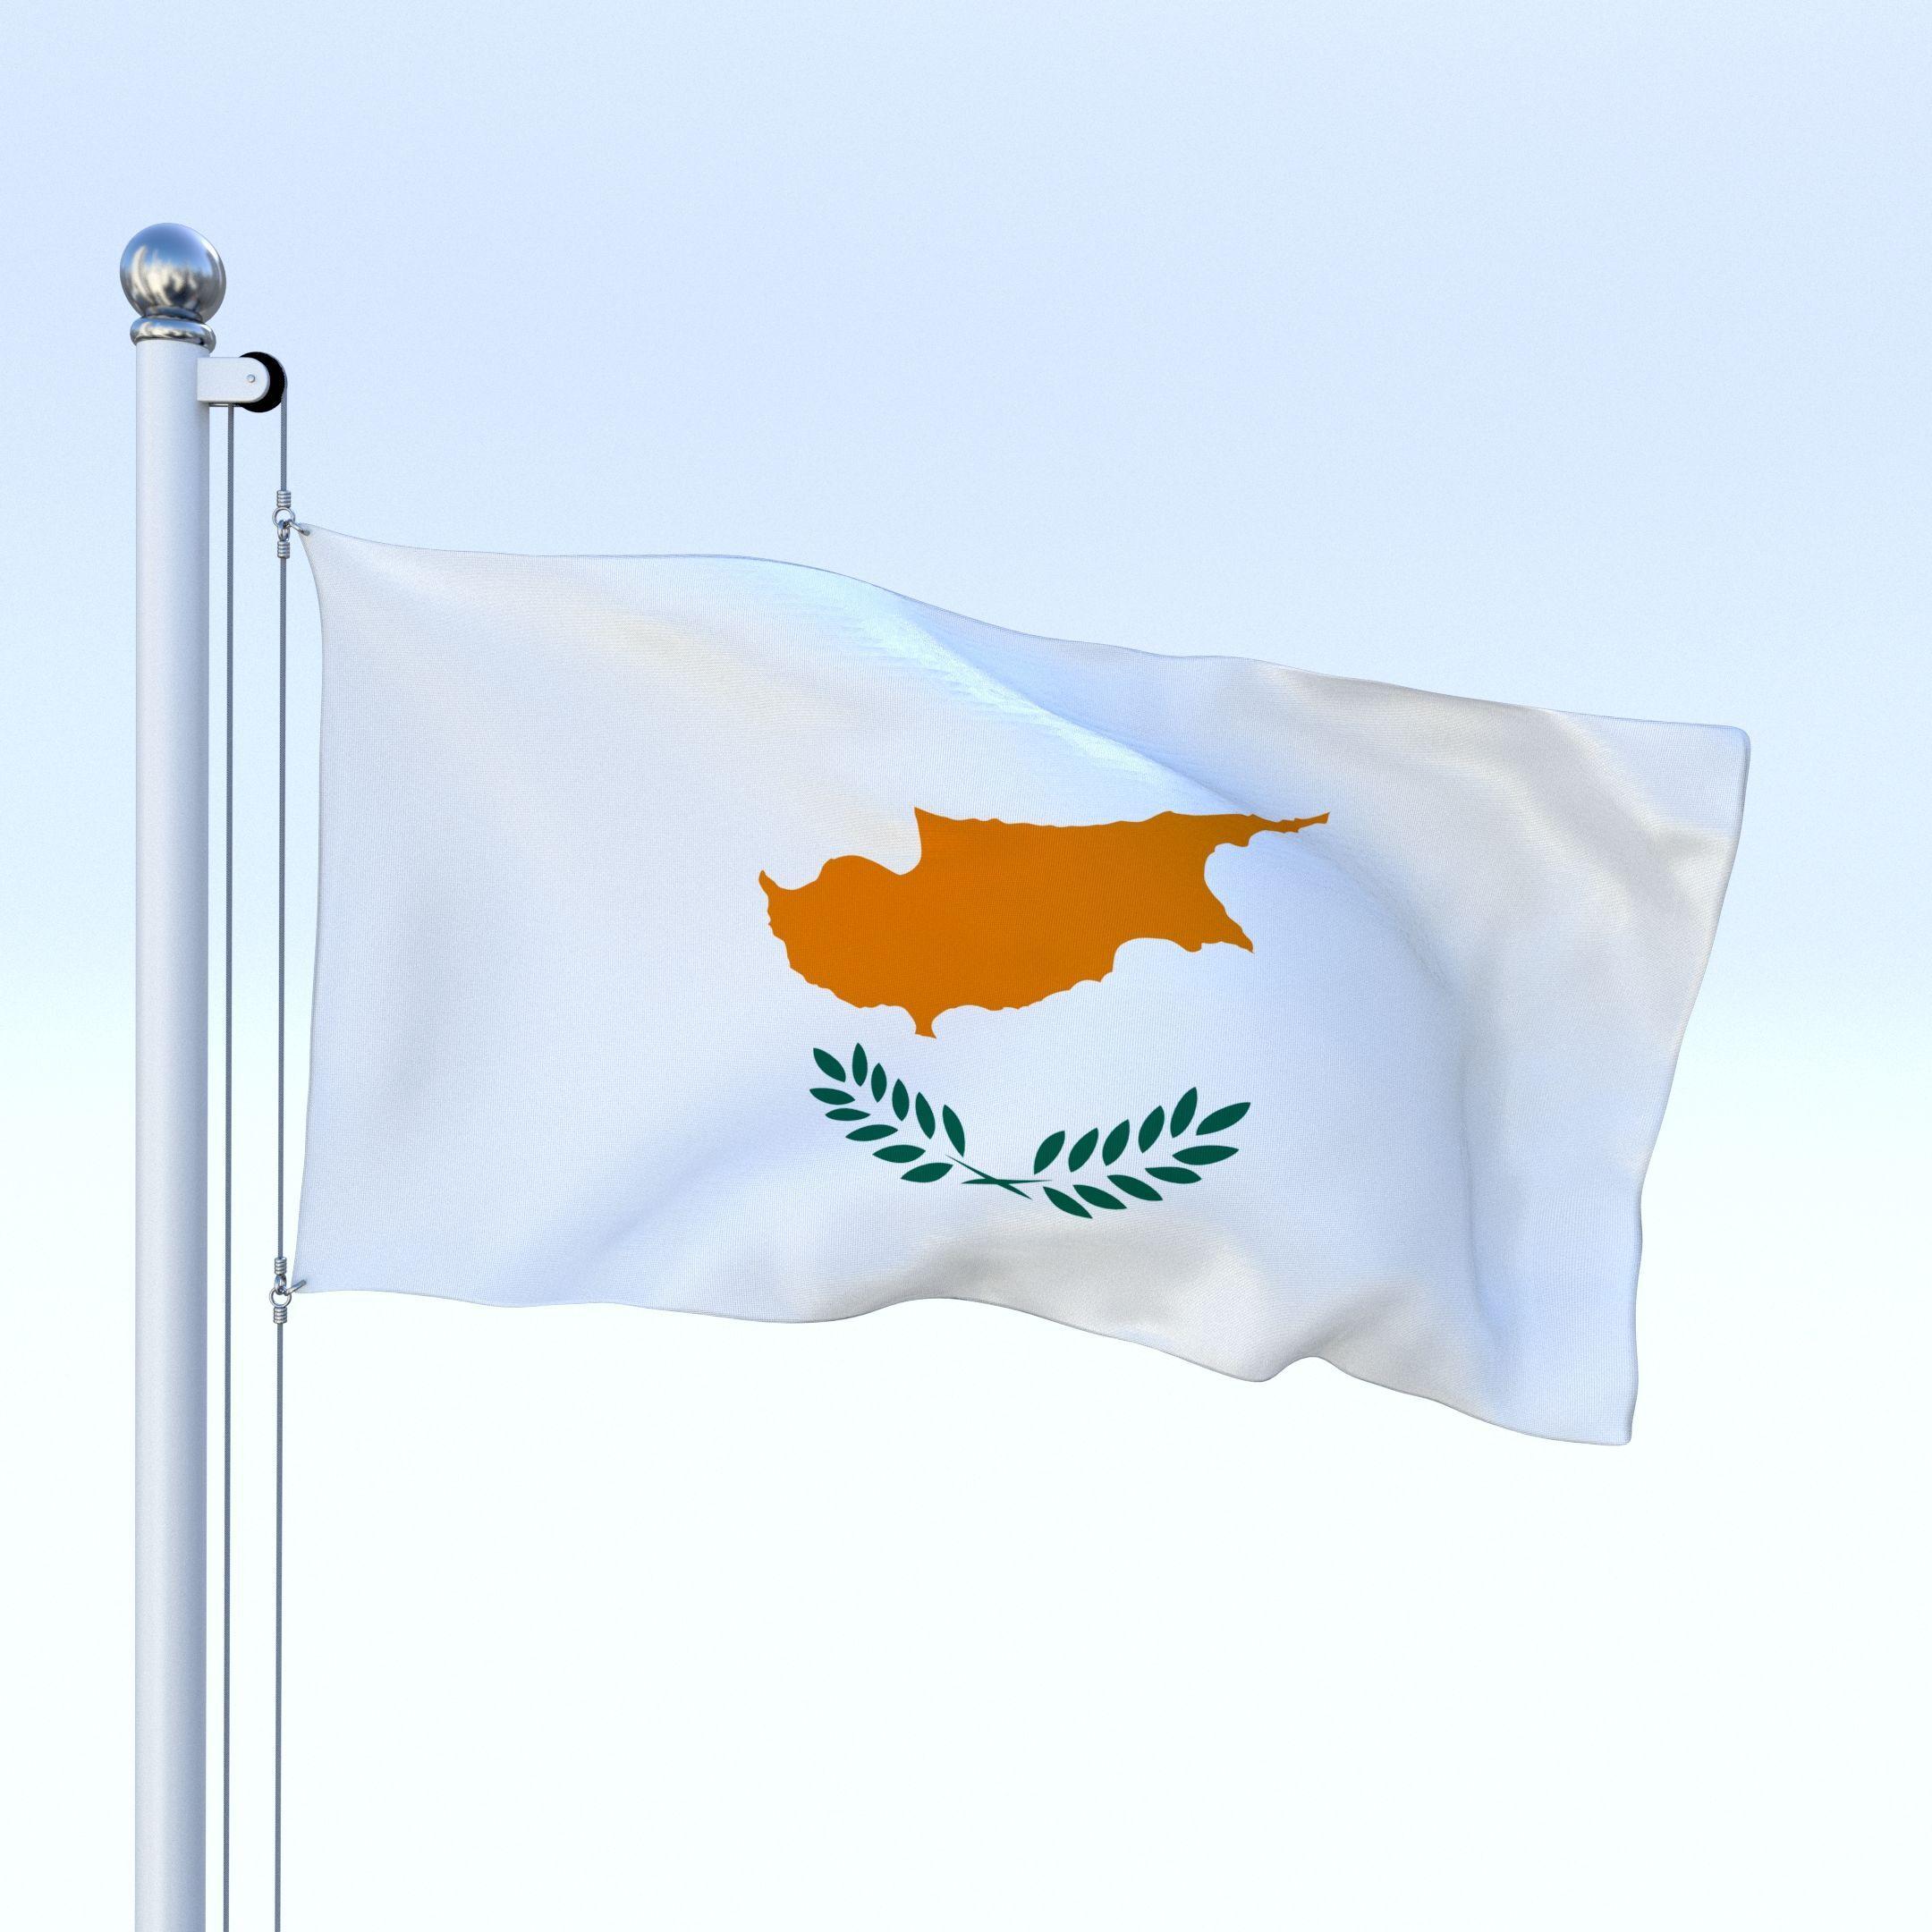 Компания специализирующаяся на блокчейне для лидогенерации на продажу на Кипре